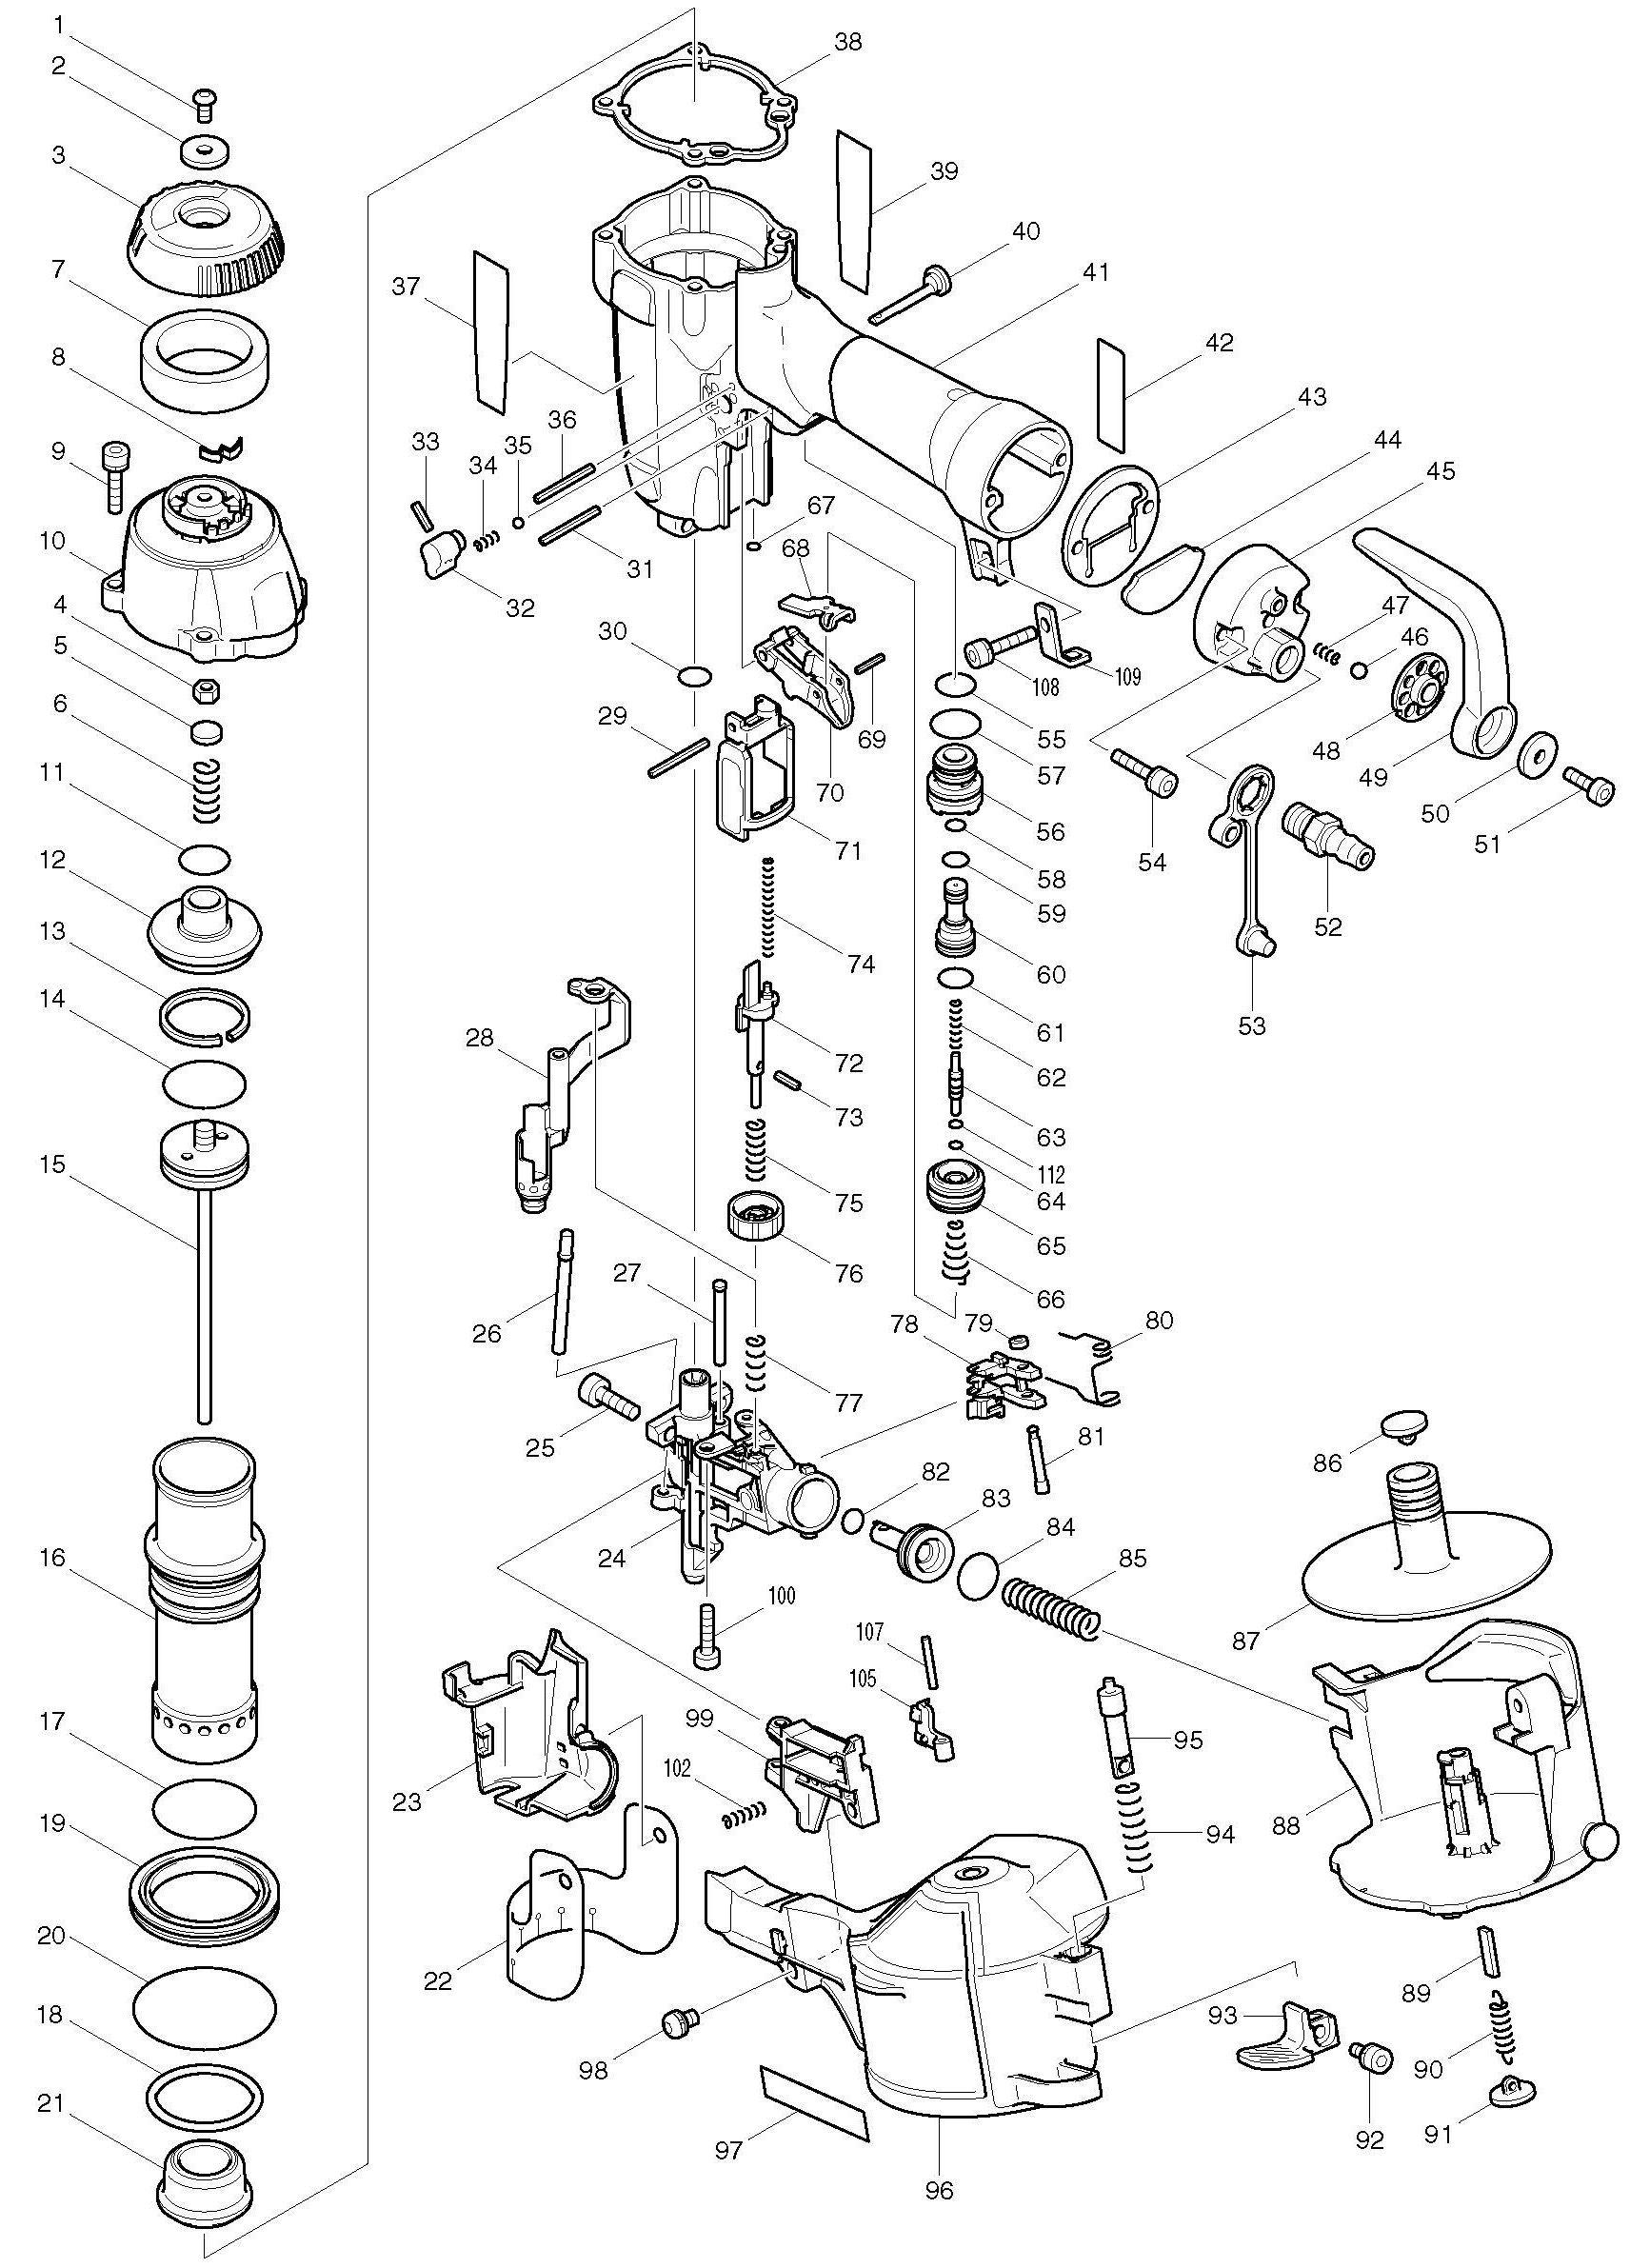 Spares for Makita An504 Construction Coil Nailer SPARE